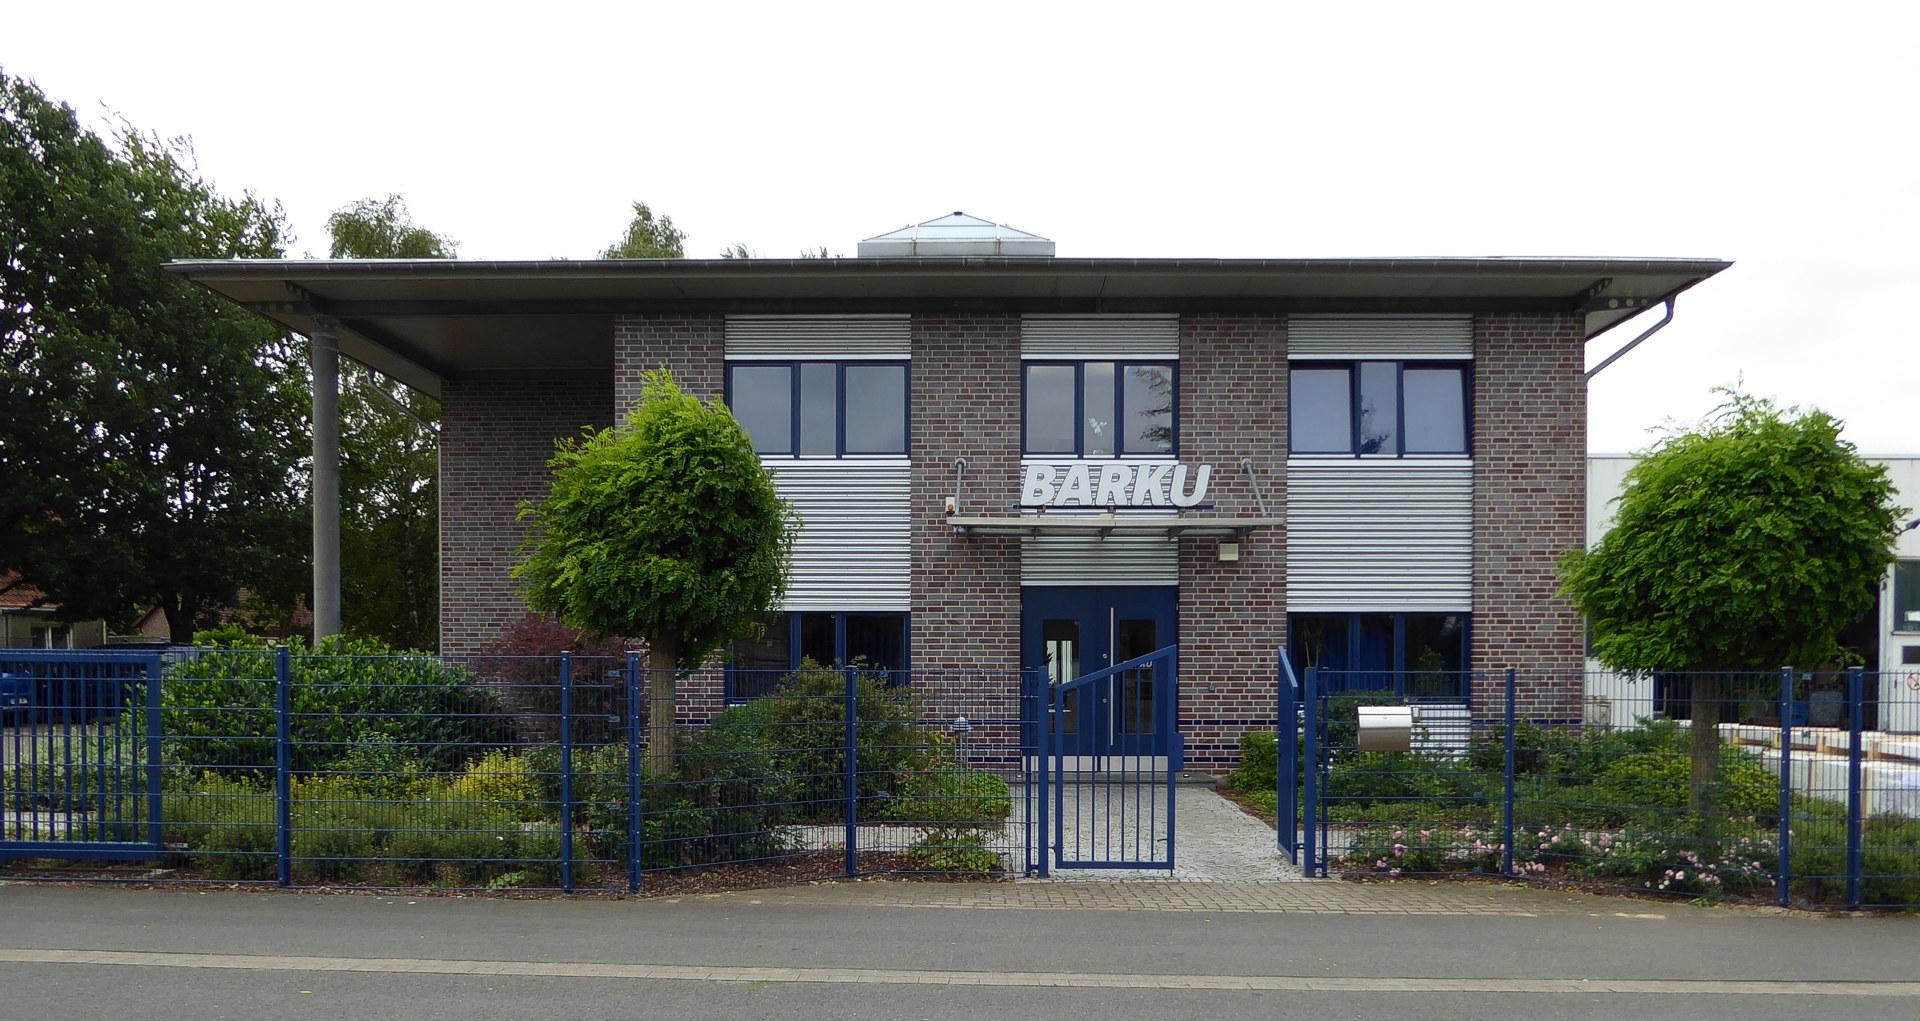 BARKU - Banrstorfer Kunststofftechnik